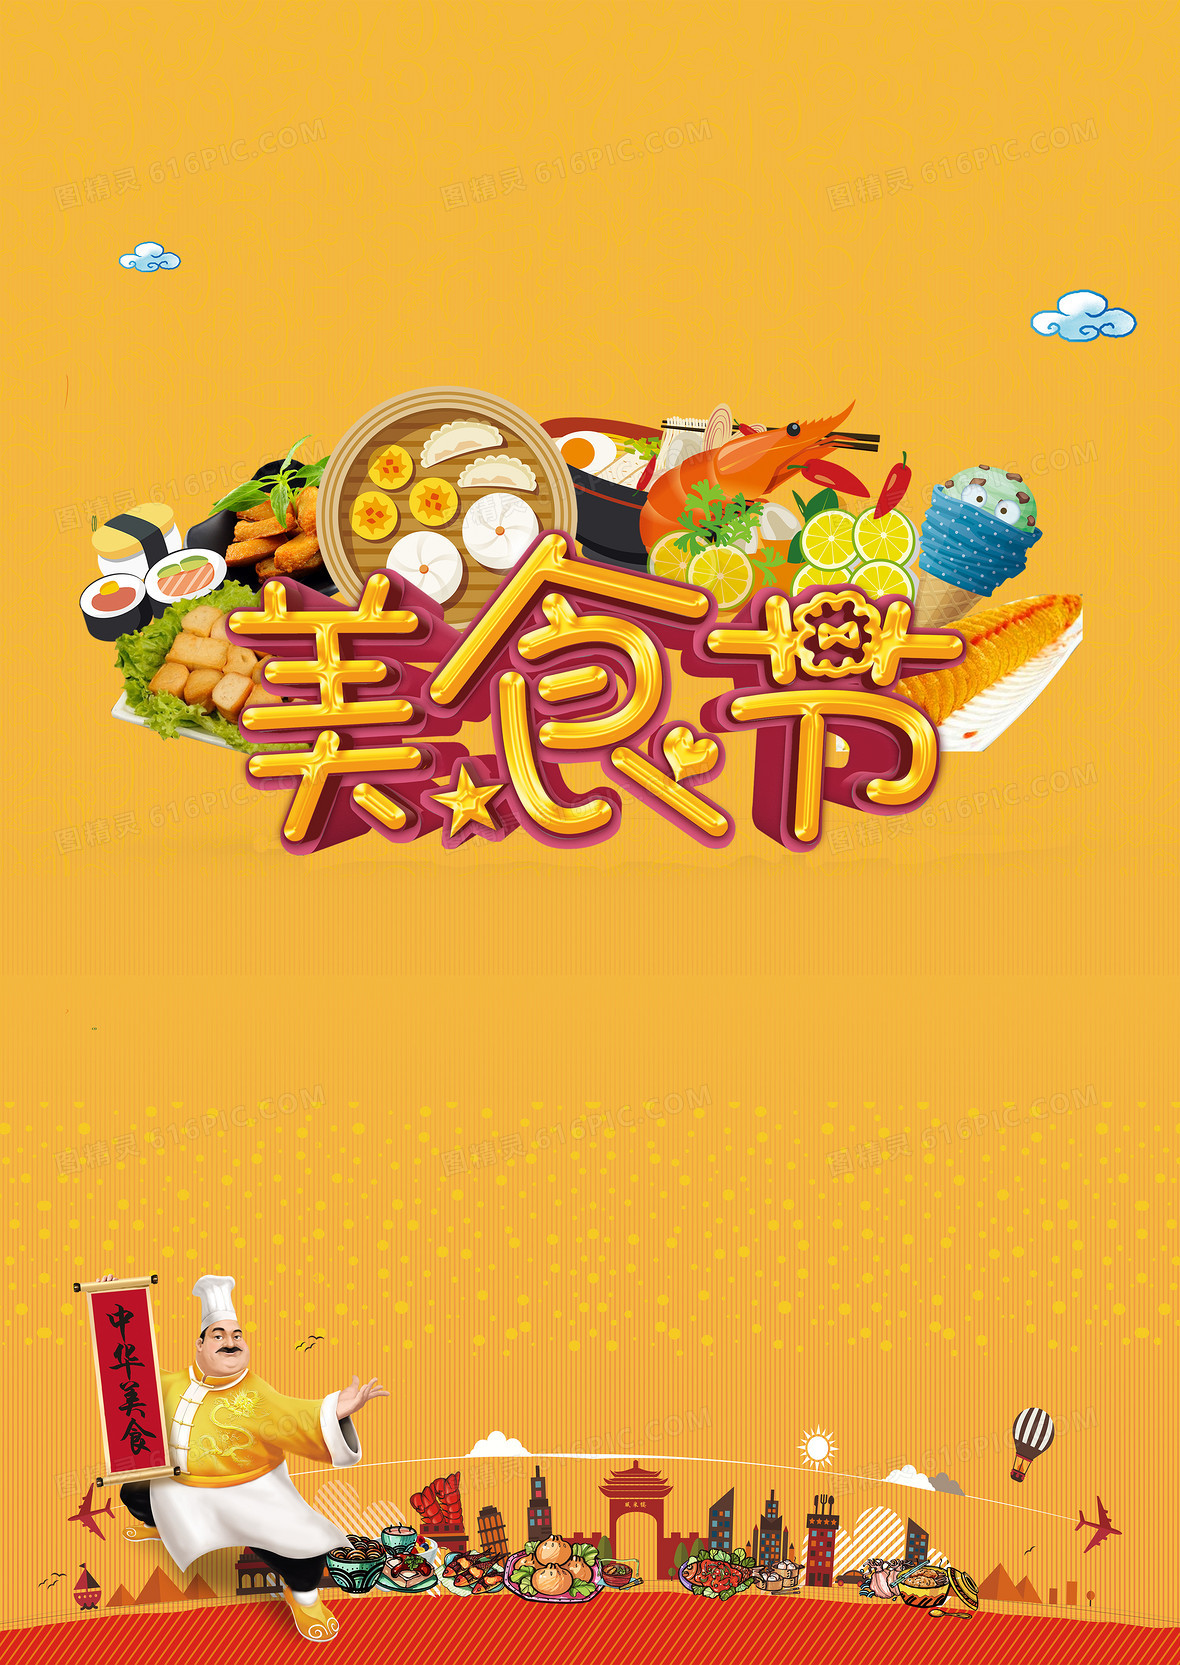 橙色卡通美食节背景素材